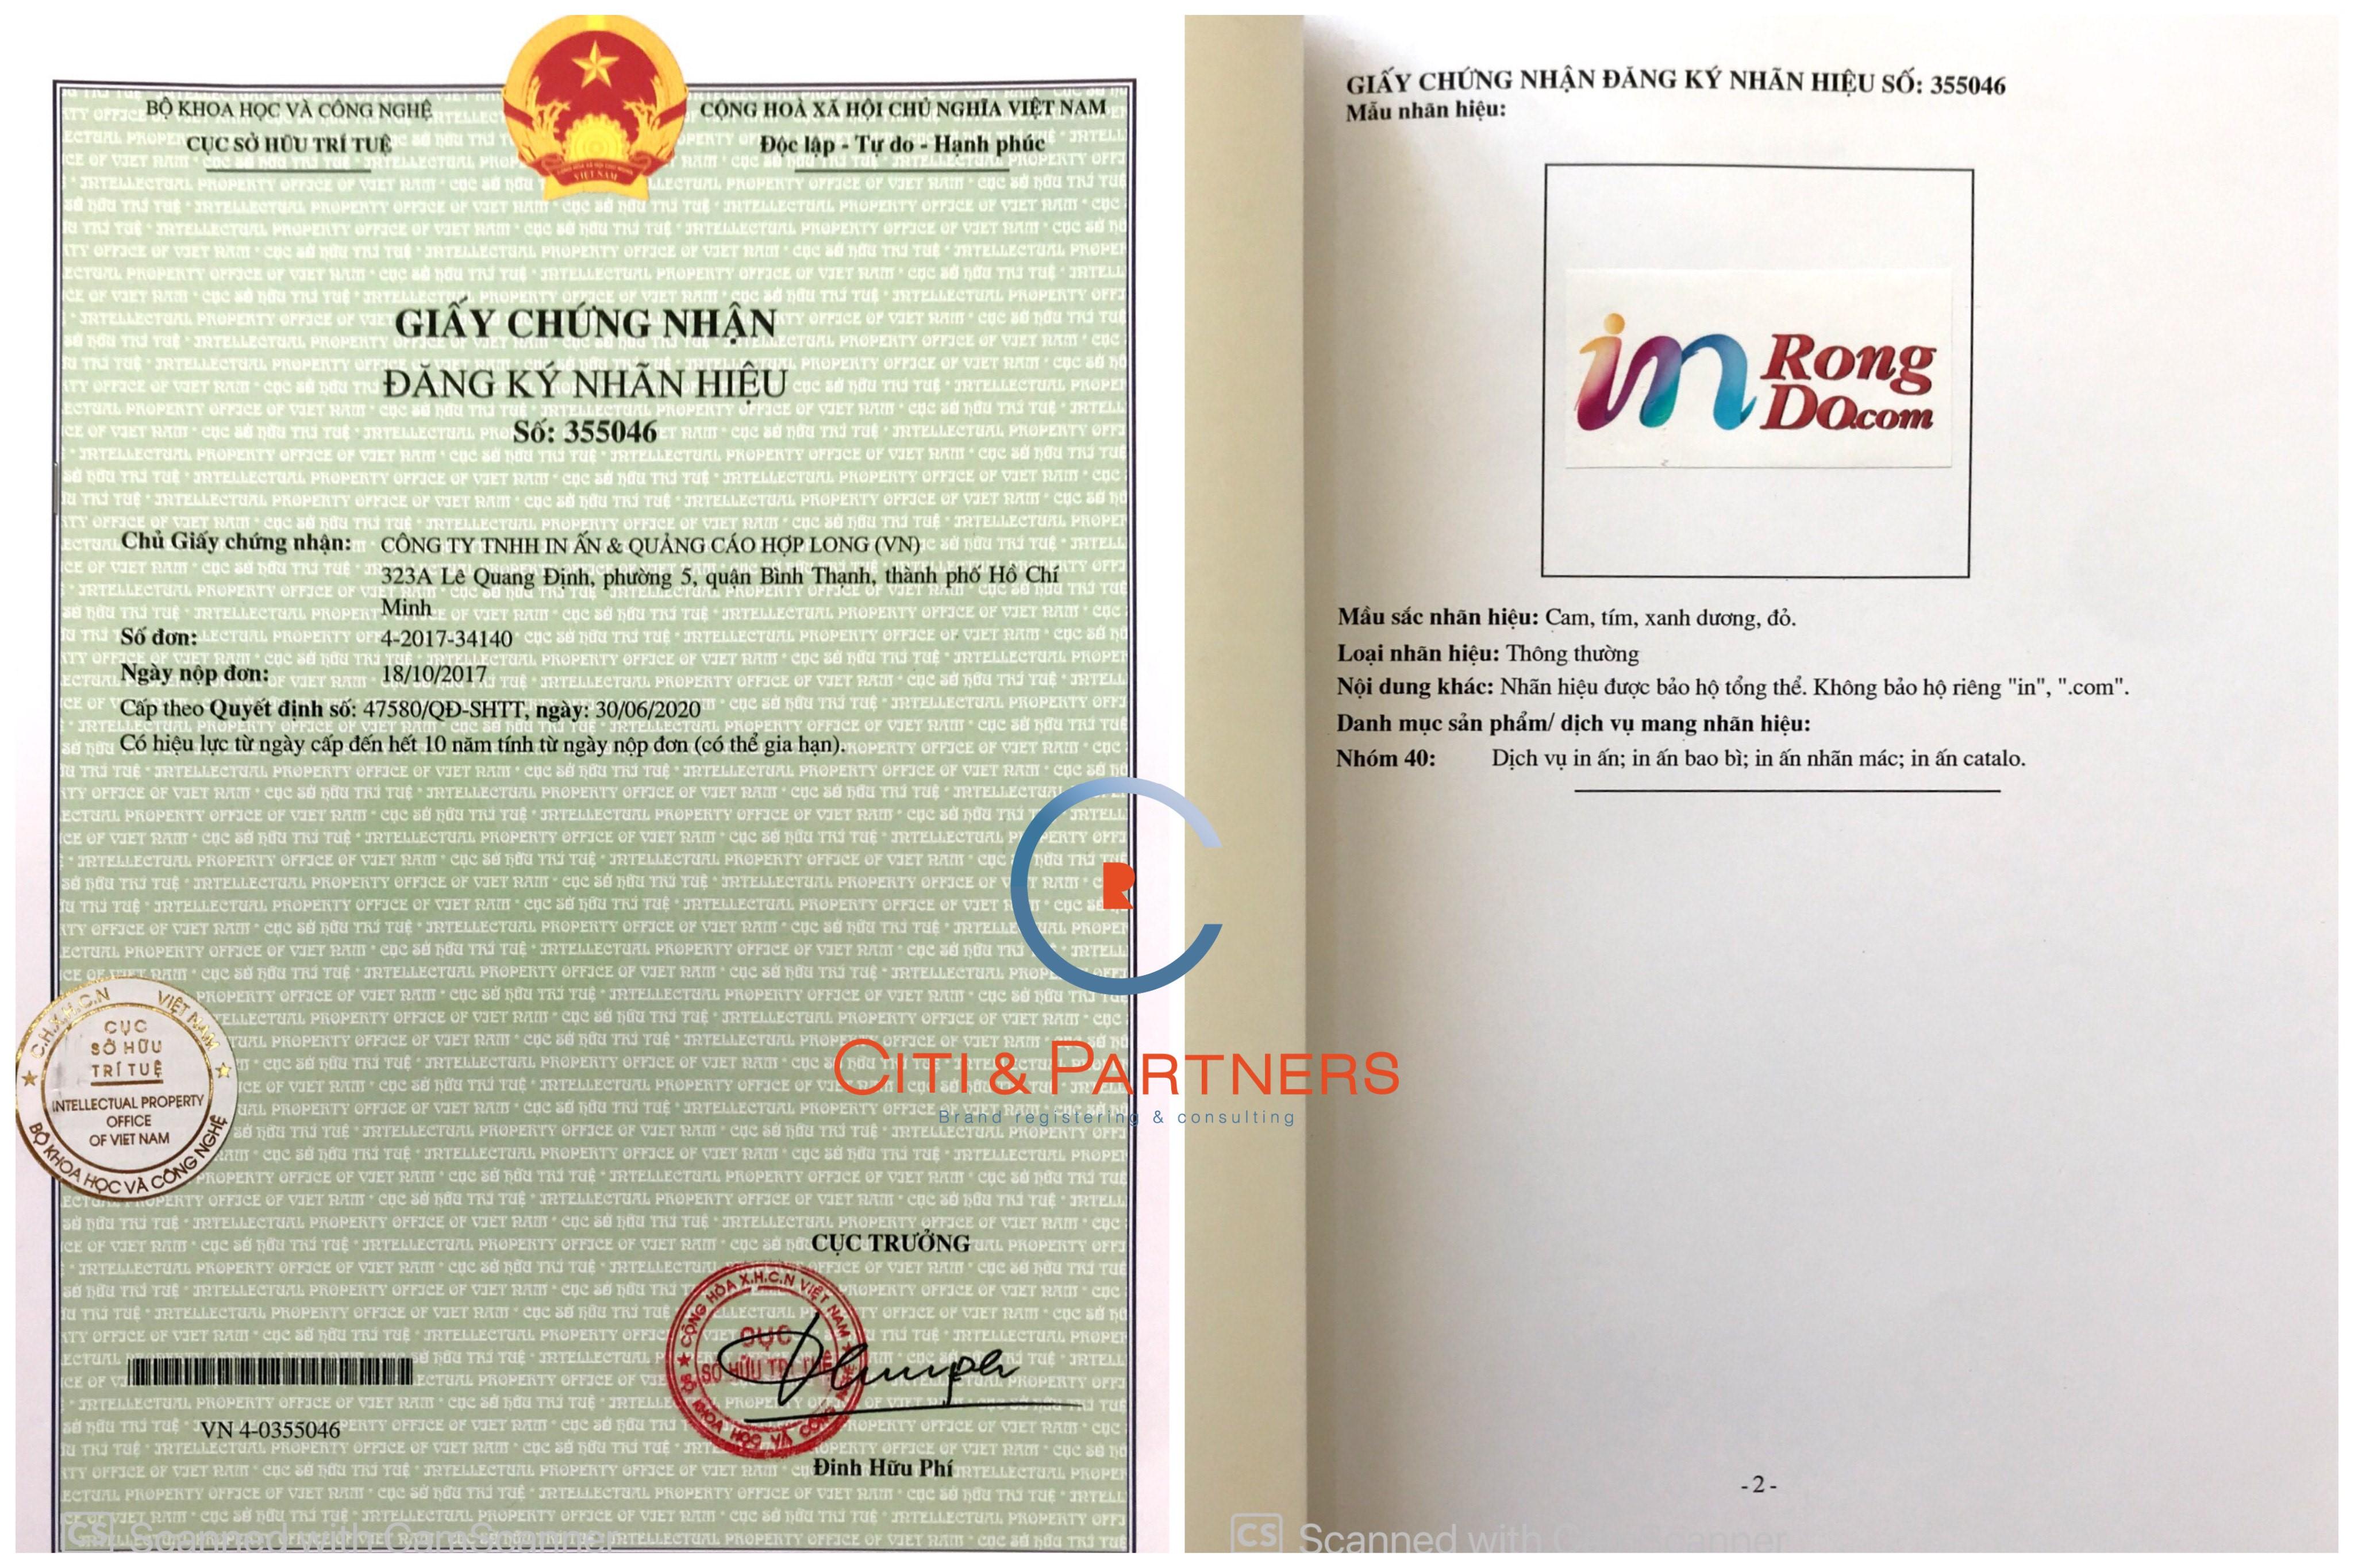 đăng ký nhãn hiệu cho công ty in ấn và quảng cáo Hợp Long